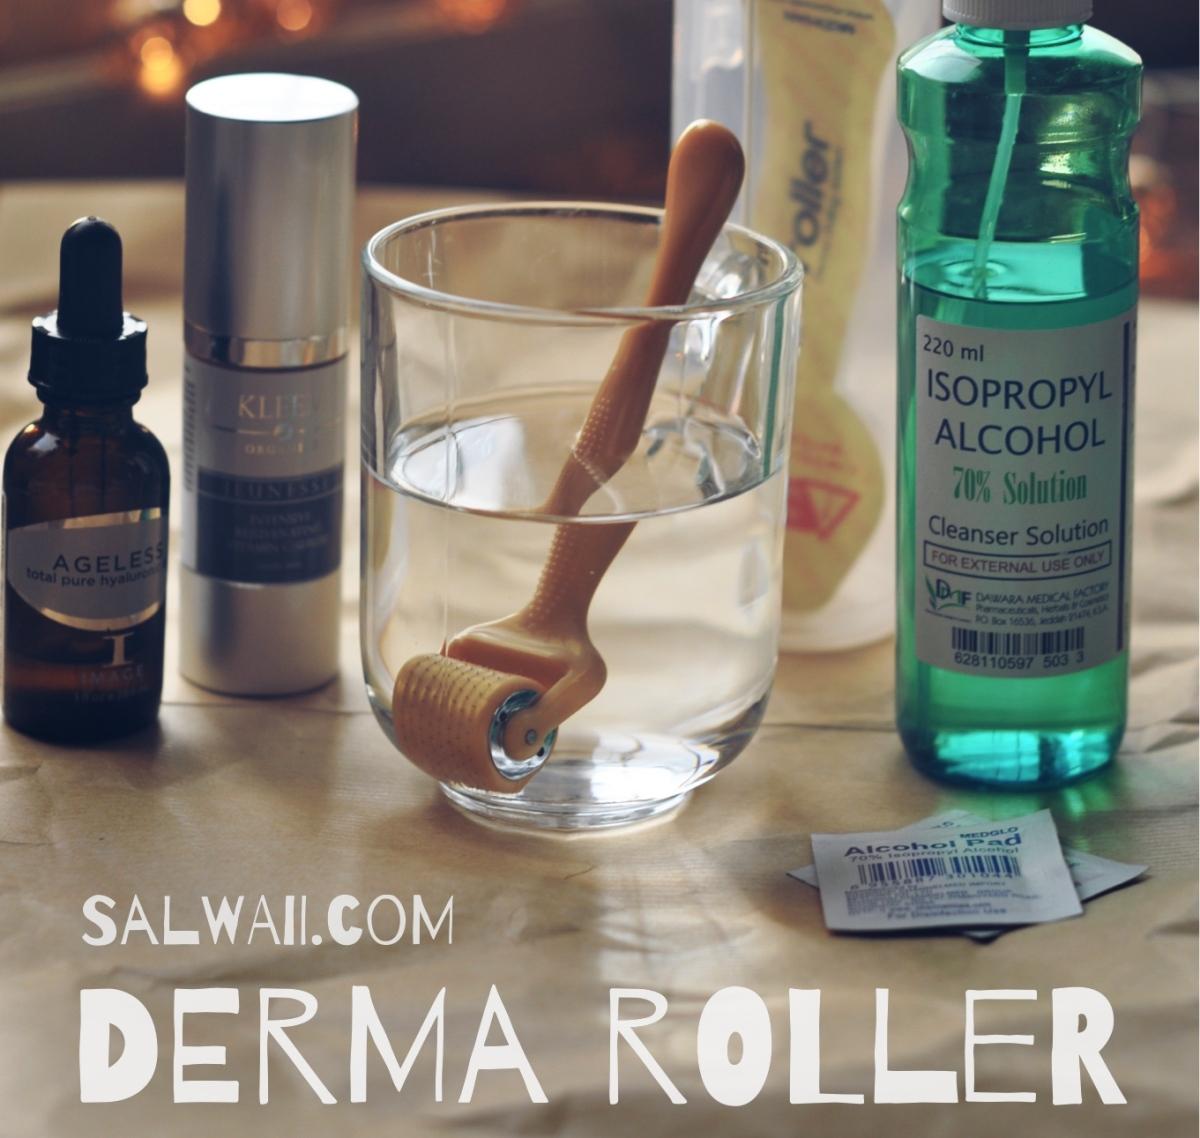 الديرما رولر: النوع،طريقة الإستخدام، النتائج Derma Roller